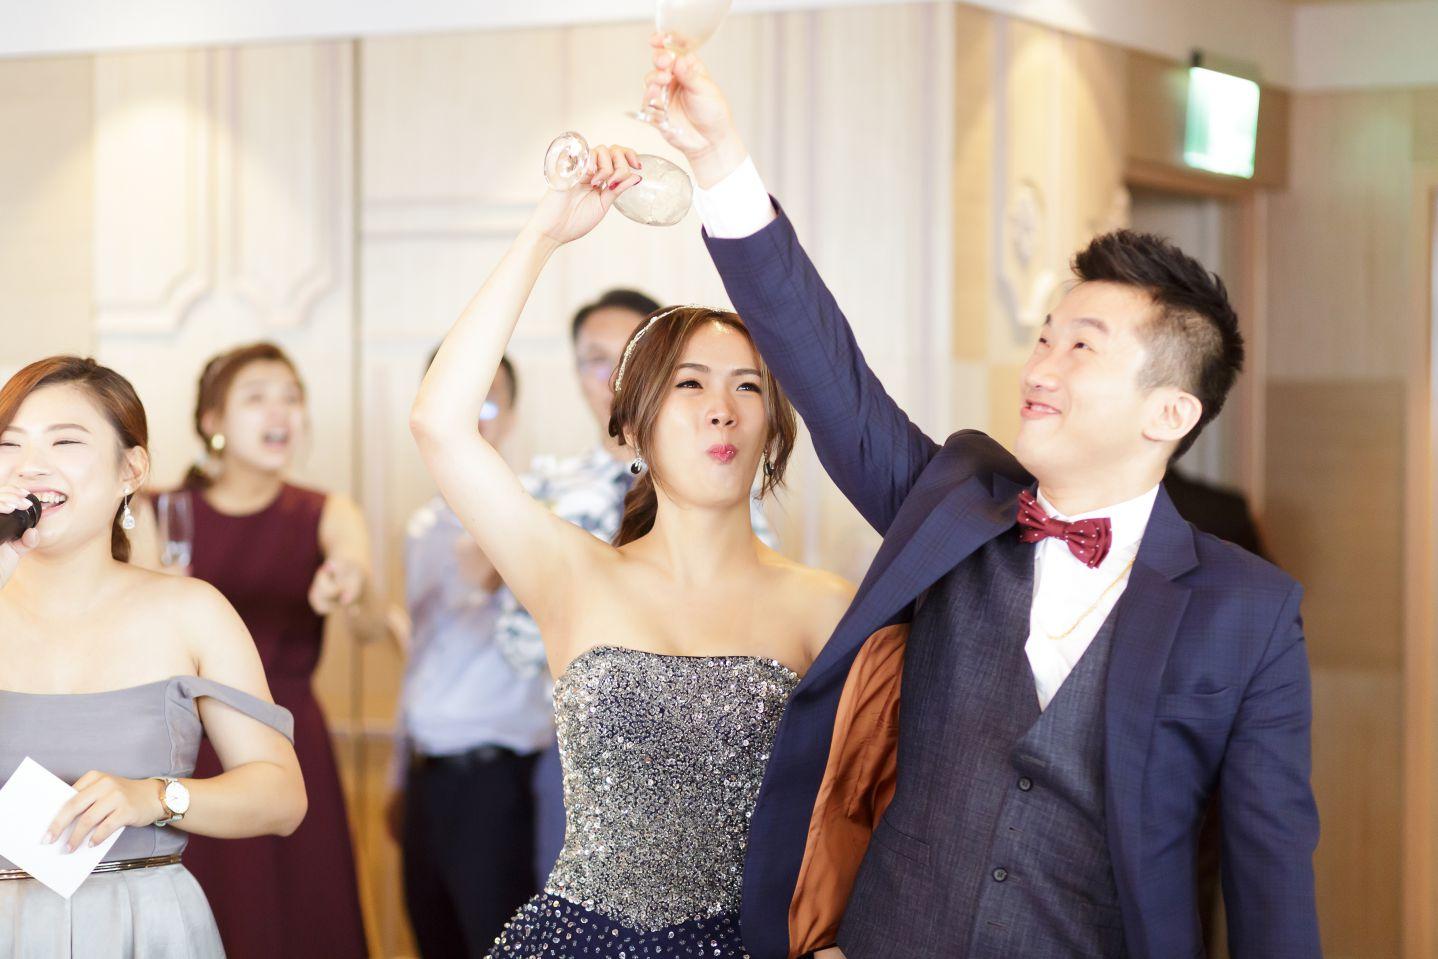 婚禮攝影-婚禮紀錄-Keith&Lia@村卻國際溫泉酒店-200